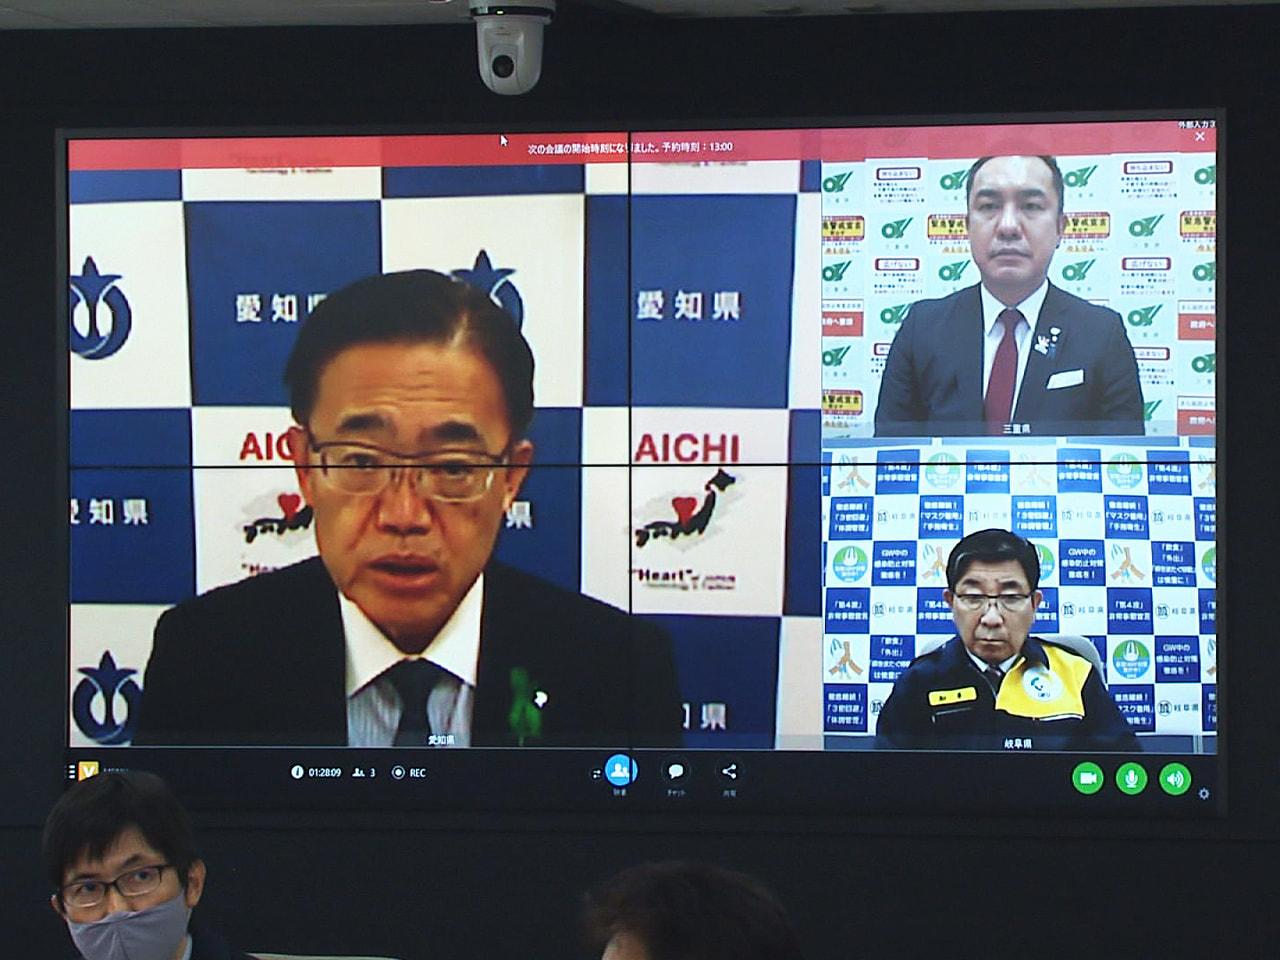 新型コロナウイルス対策で連携するため、岐阜・愛知・三重の3県知事によるテレビ会議...